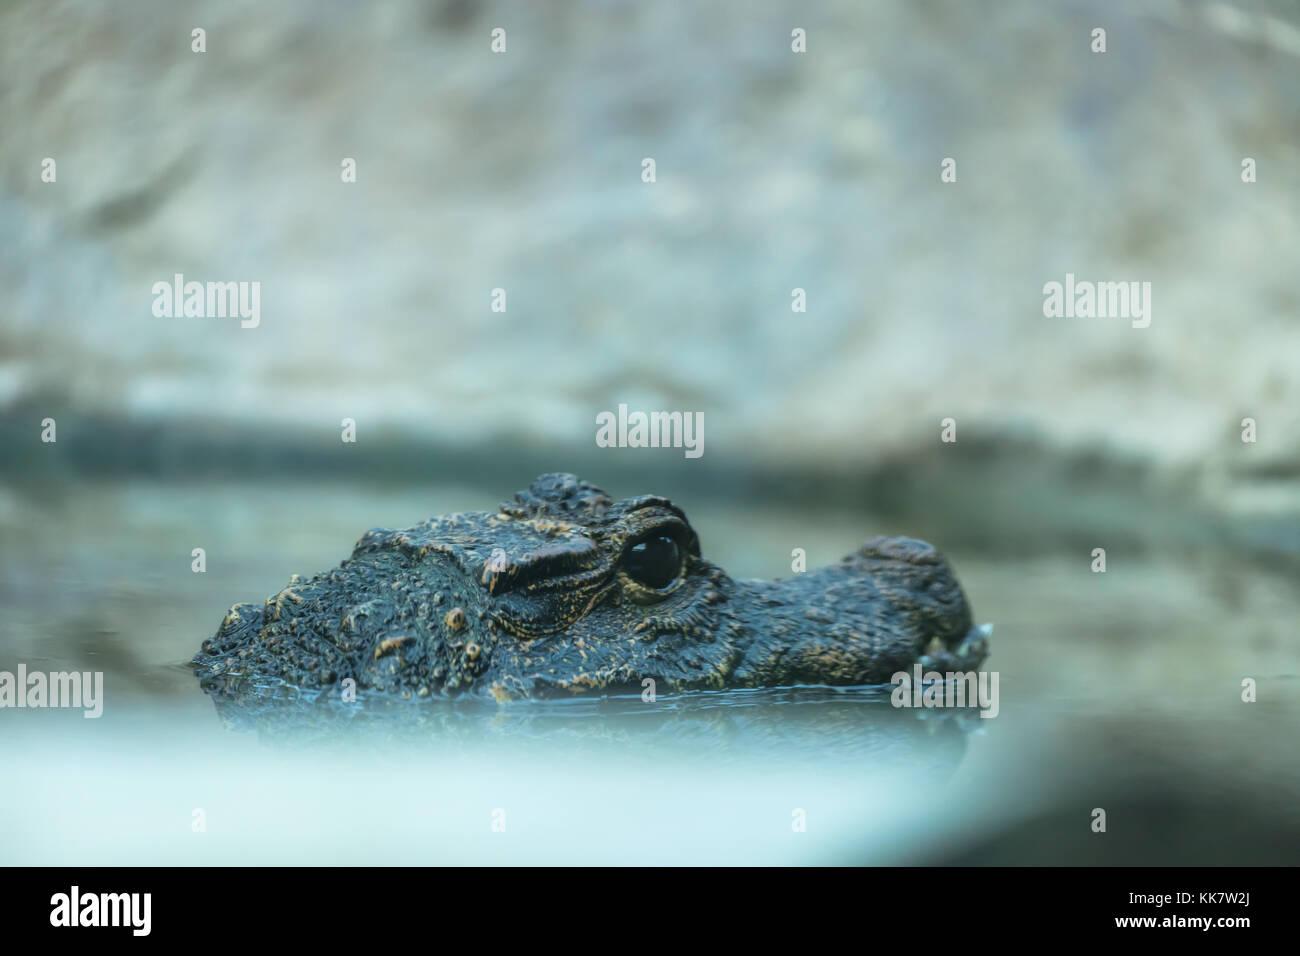 Vista lateral de la cabeza de un cocodrilo enano africano, del zoológico de San Diego, California, Estados Imagen De Stock